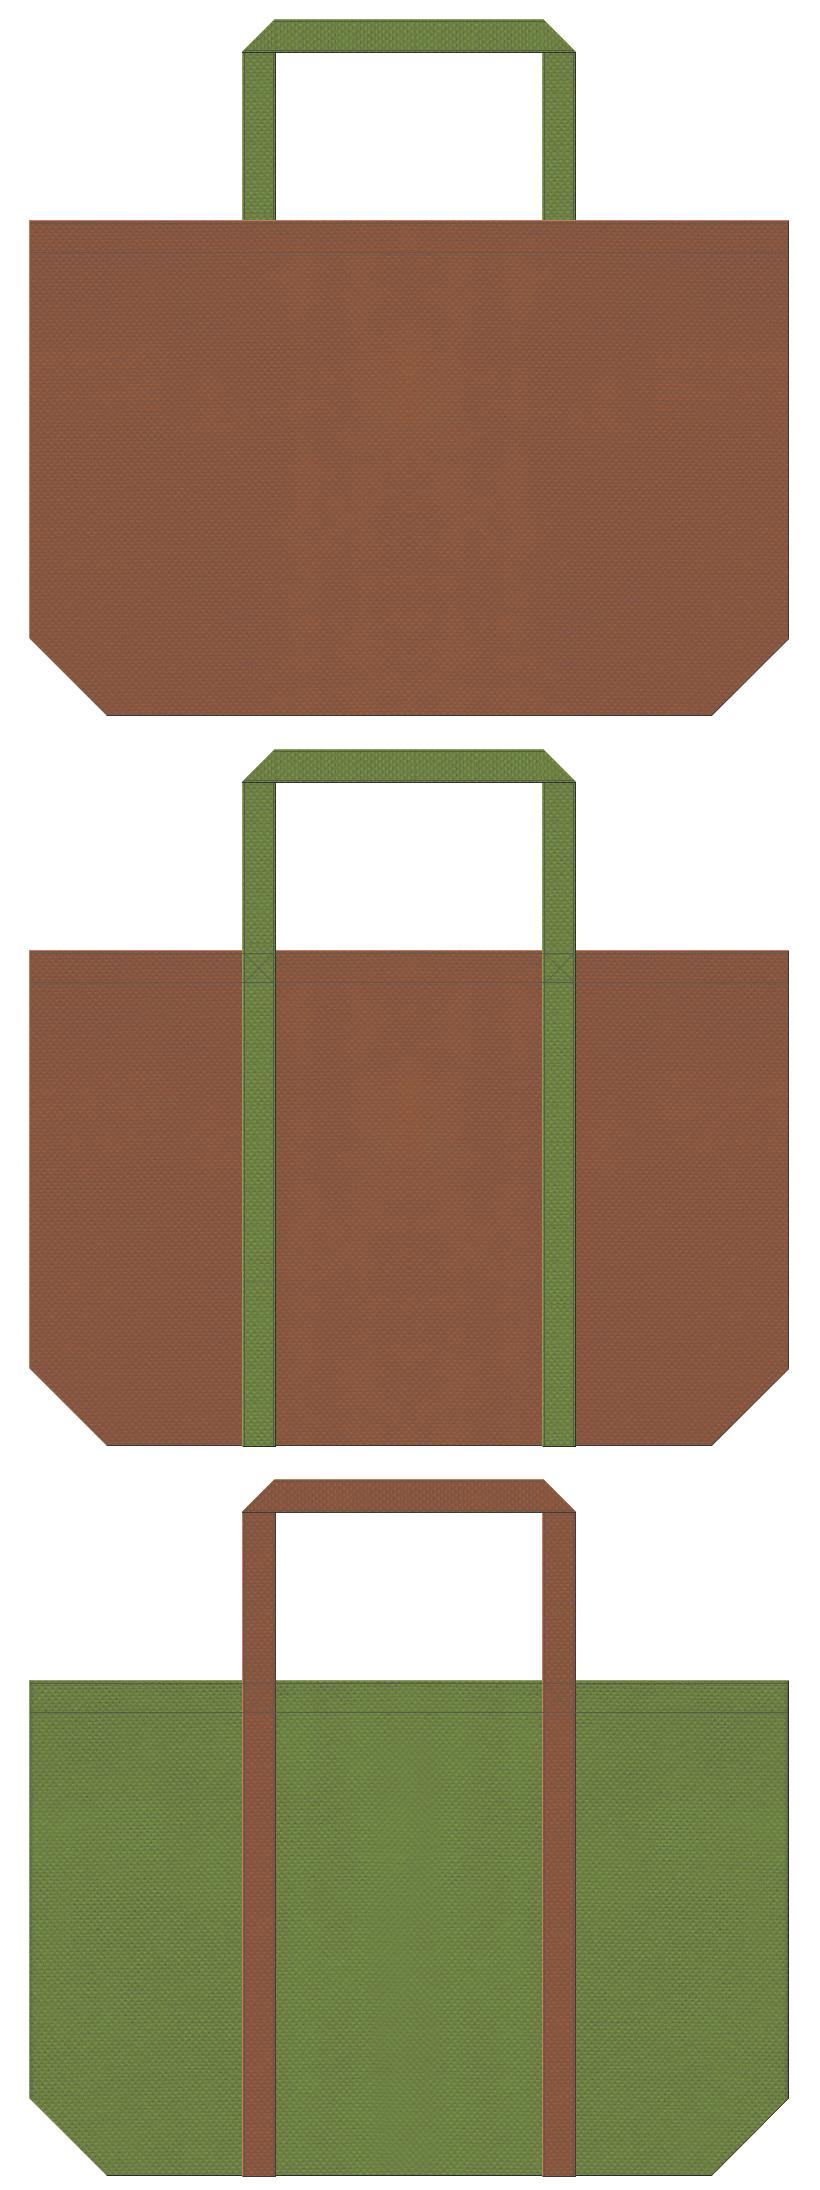 茶色と草色の不織布バッグデザイン。和菓子のショッピングバッグにお奨めです。